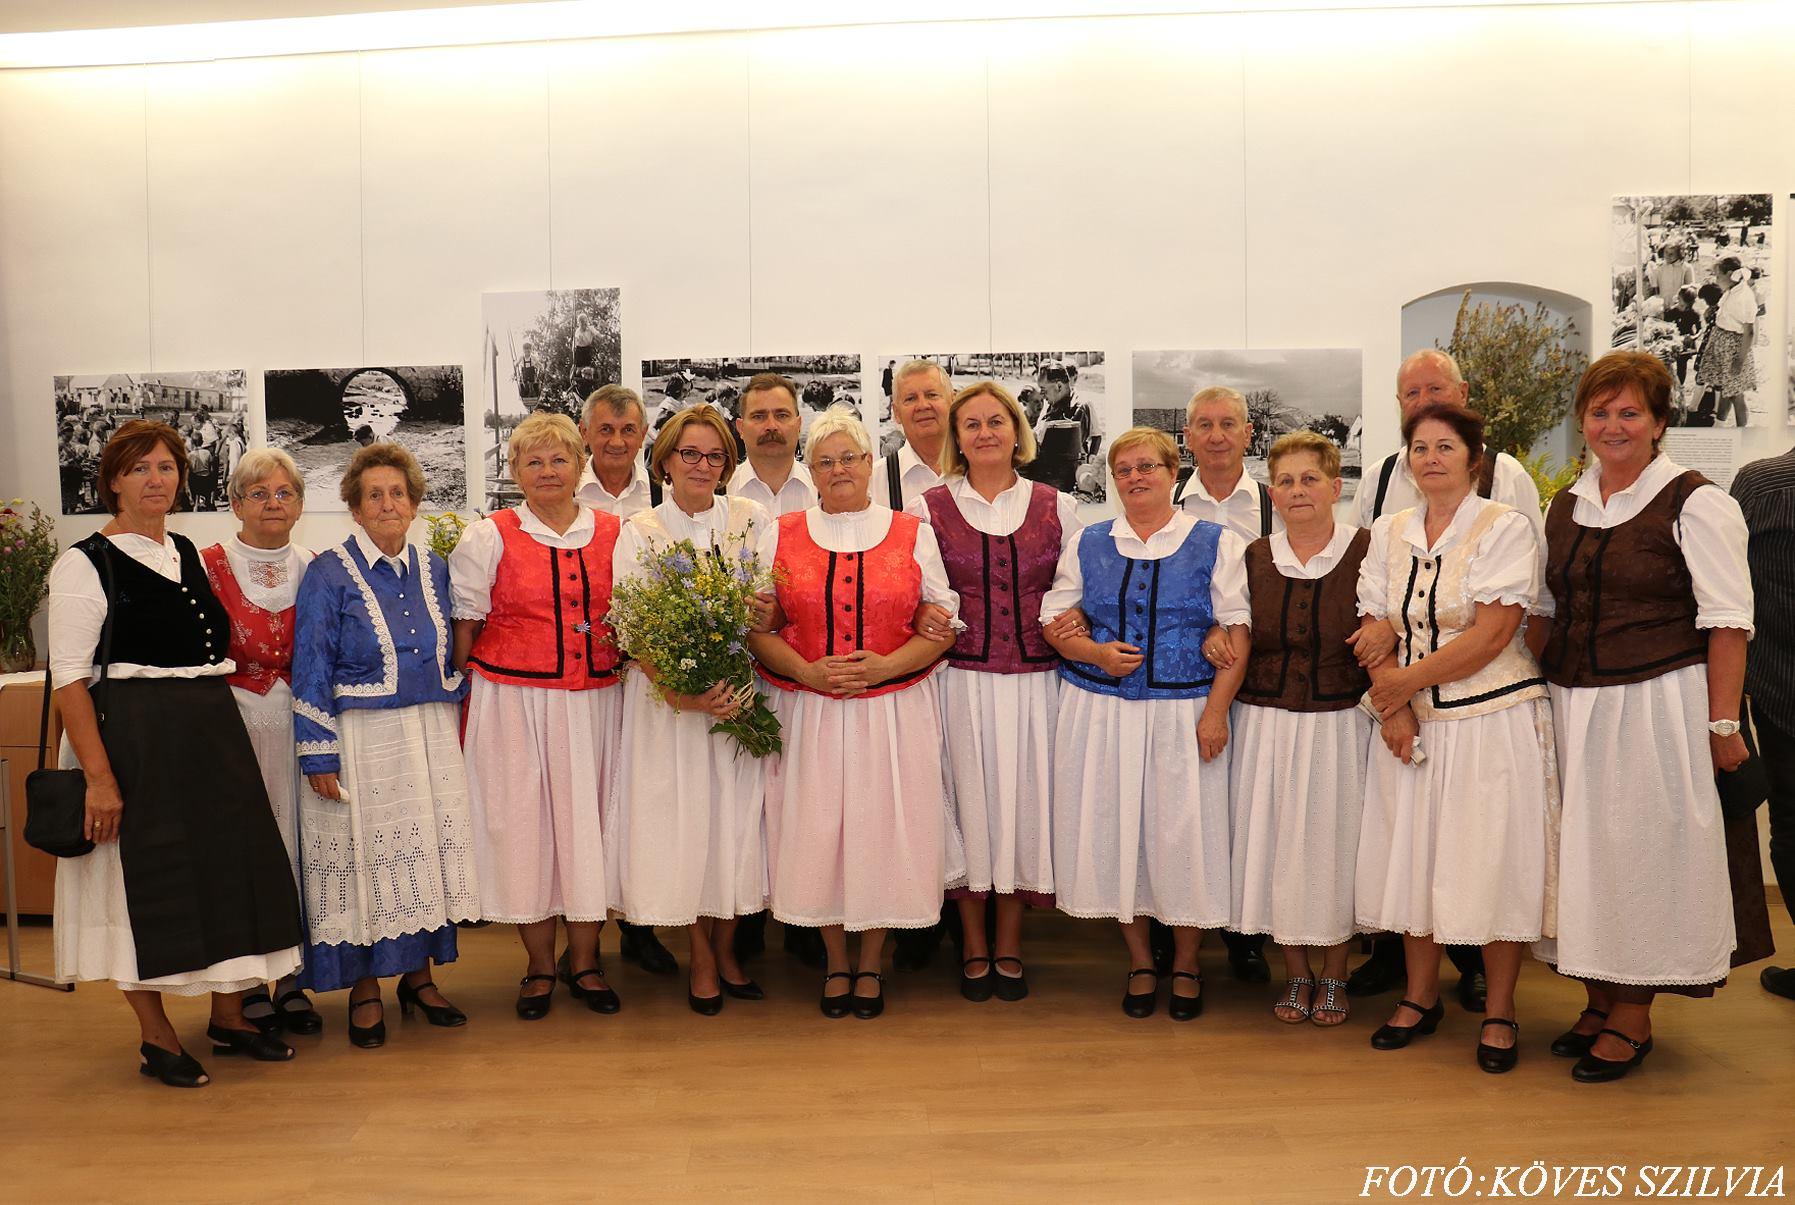 A Német Nemzetiségi Önkormányzat és Közösség hagyományörző csoportja a búcsúra elkészült Trachtban a megáldott virágokkal